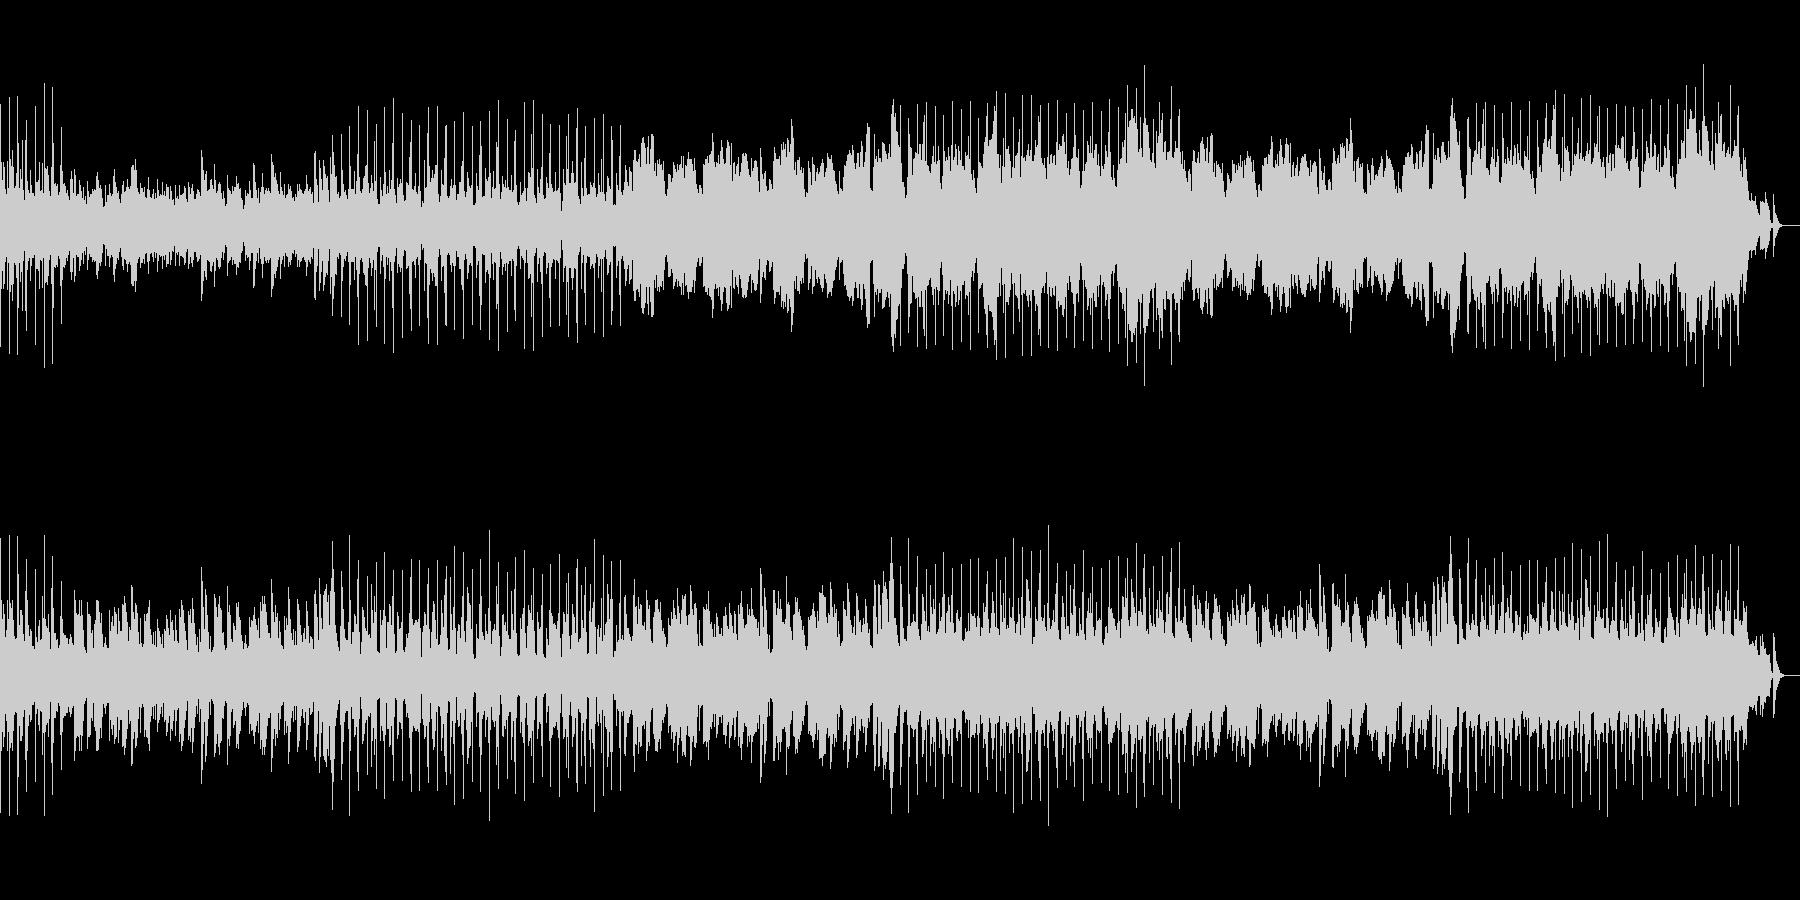 ウキウキとする明るくメロディアスピアノ曲の未再生の波形